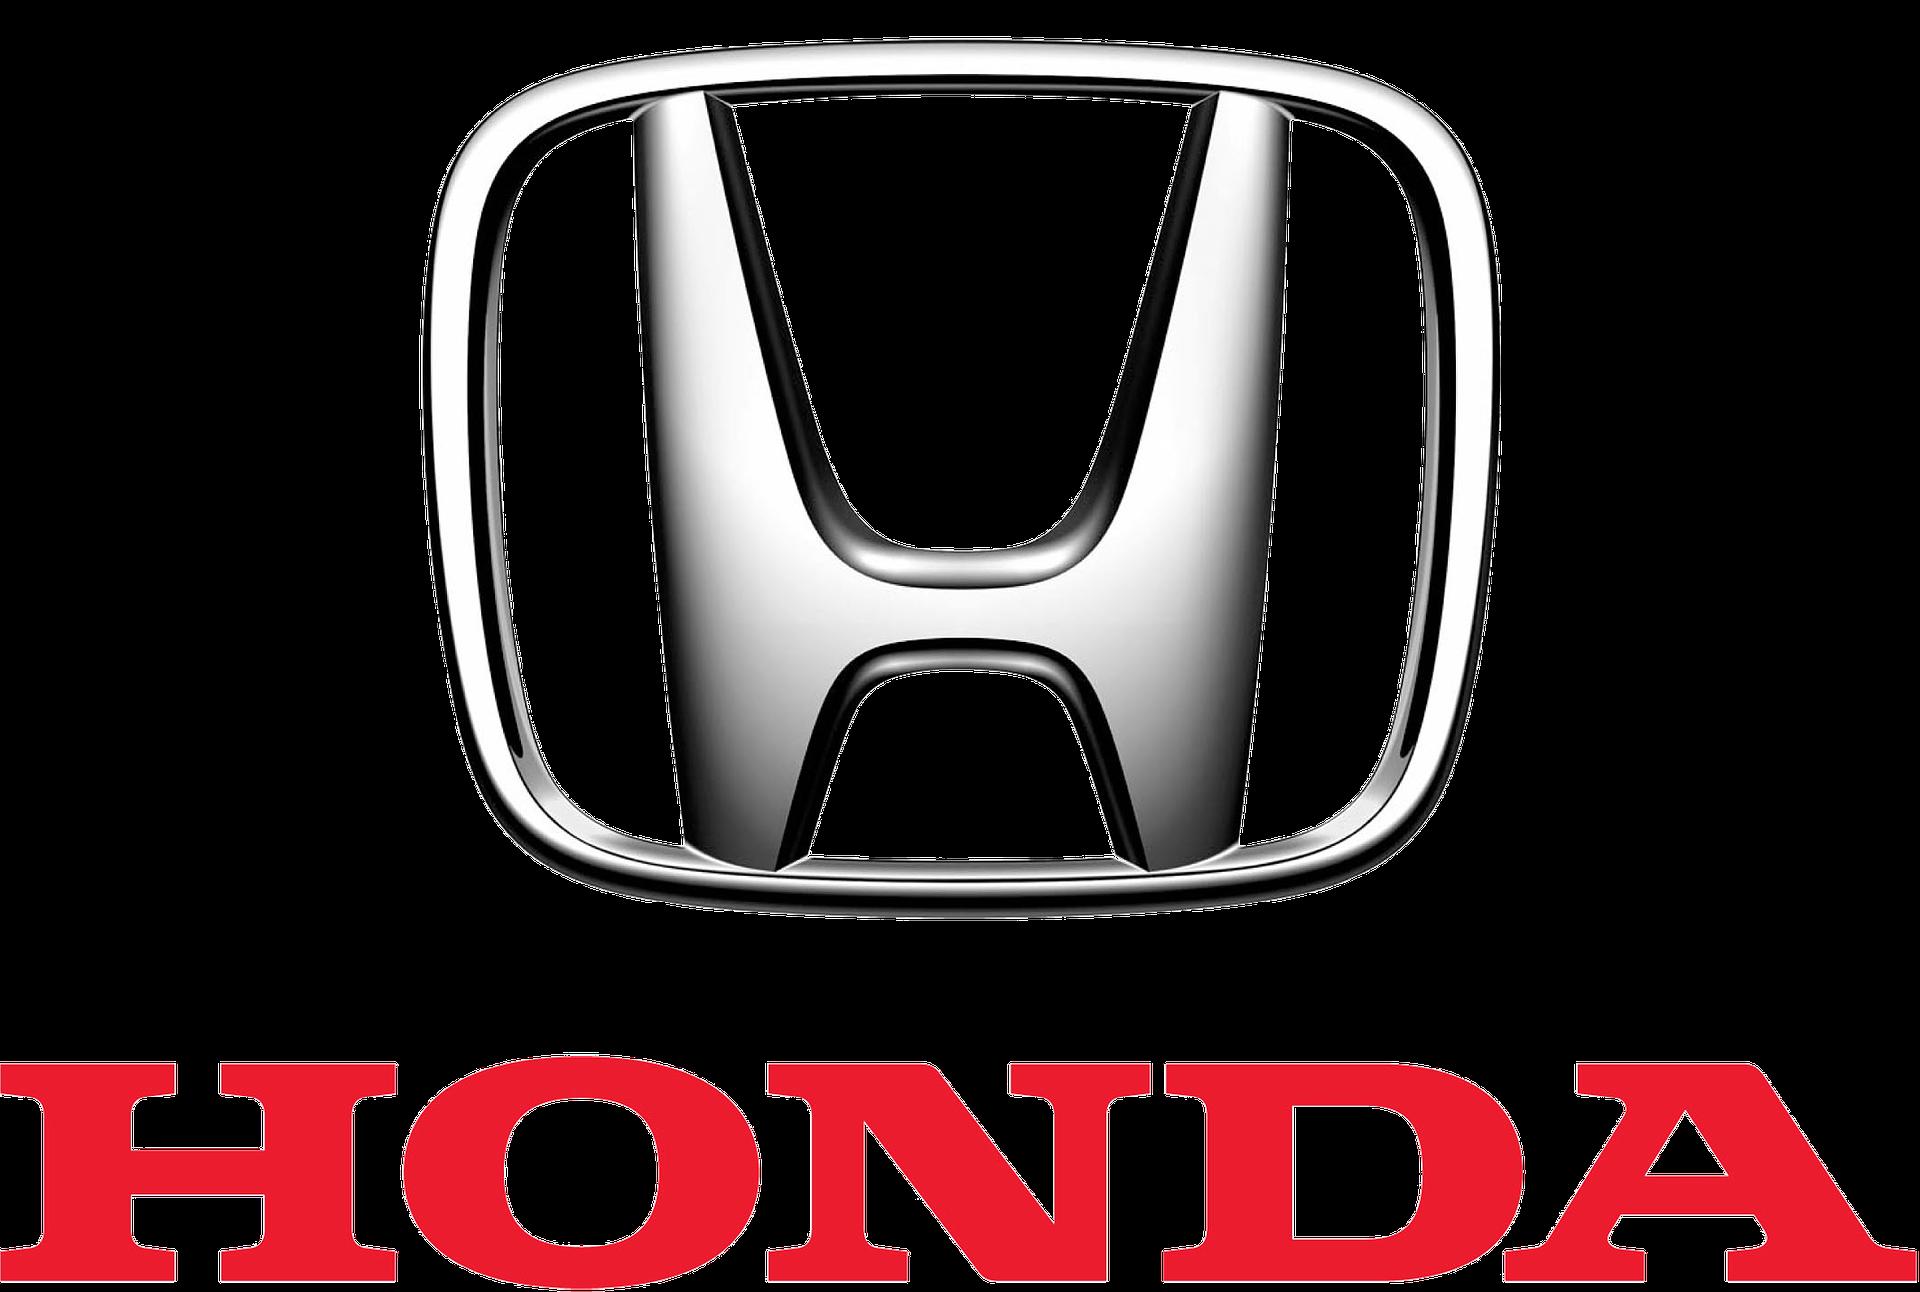 Fé e Persistência - Conheça a História de Soichiro Honda